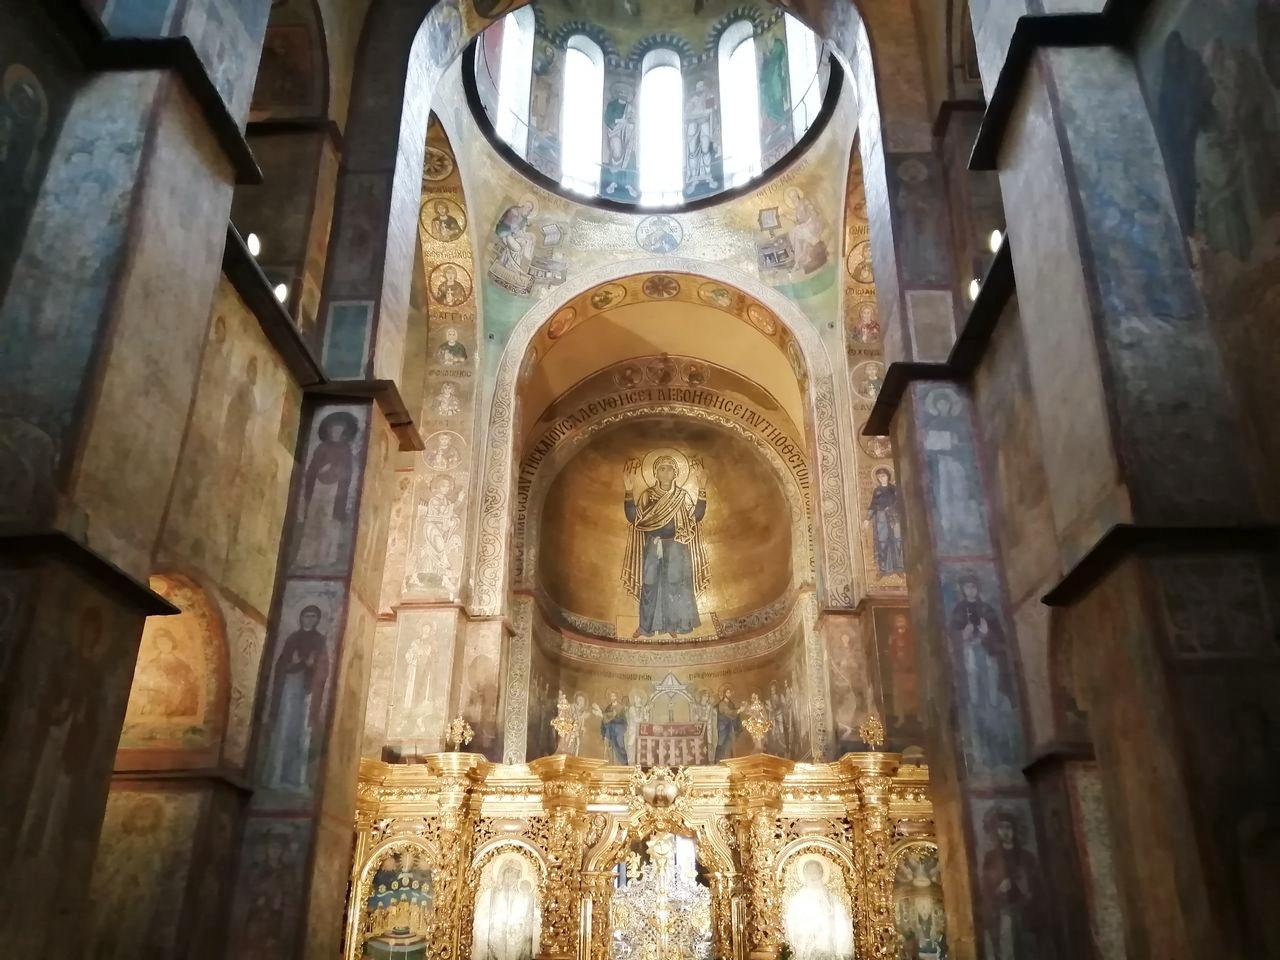 Los frescos que hay en el interior de la Catedral de Santa Sofía son espectaculares.